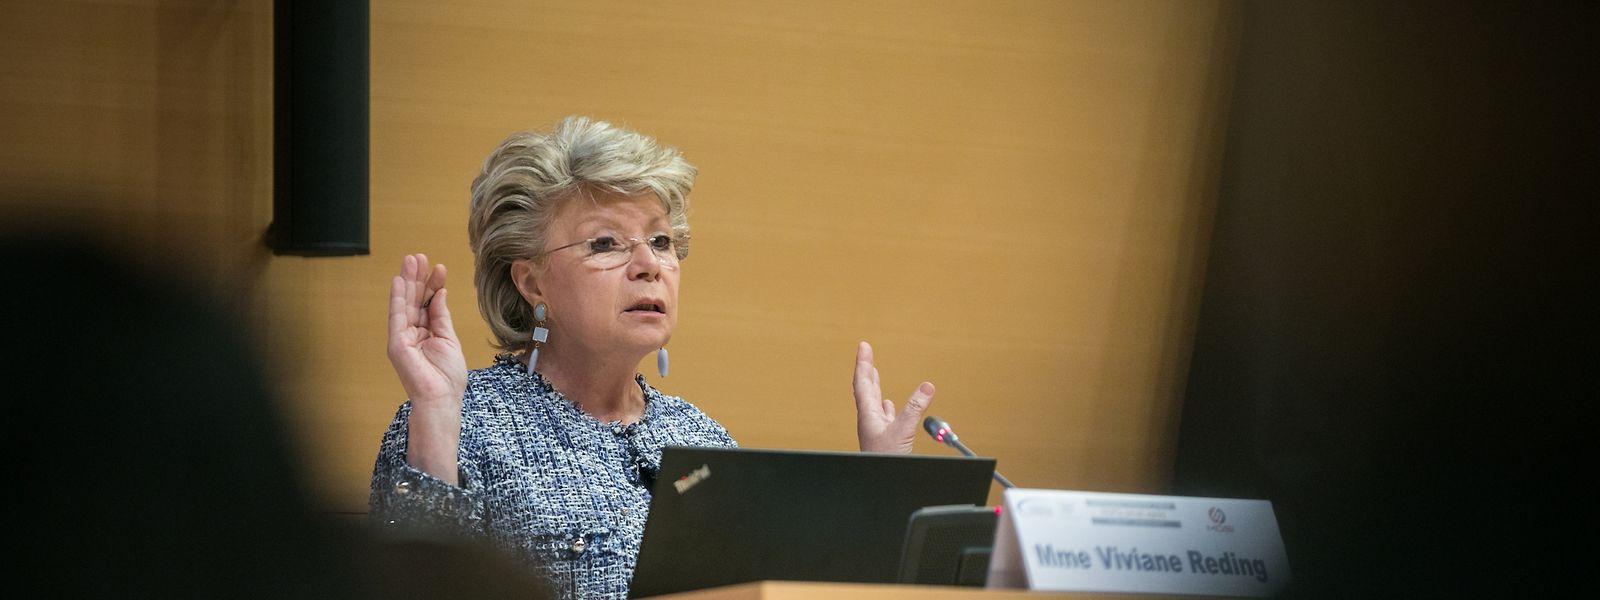 Selon Viviane Reding, le RGPD cherche à harmoniser le cadre légal de la protection des données en Europe.